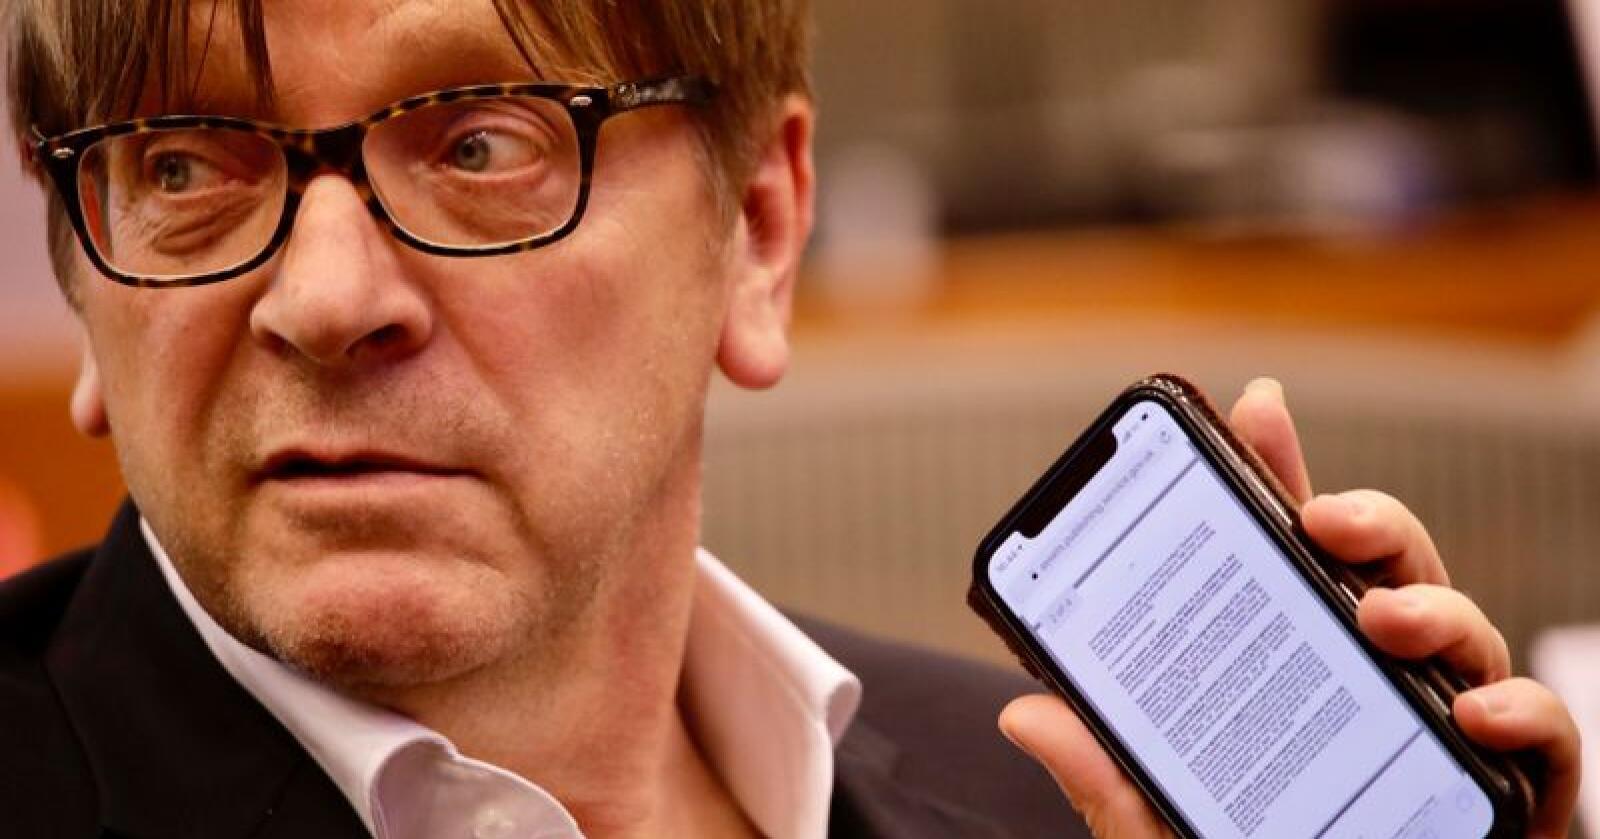 Guy Verhofstadt leder styringsgruppen som gir en foreløpig strykkarakter til Boris Johnsons forslag. Foto: Olivier Matthys / AP / NTB scanpix